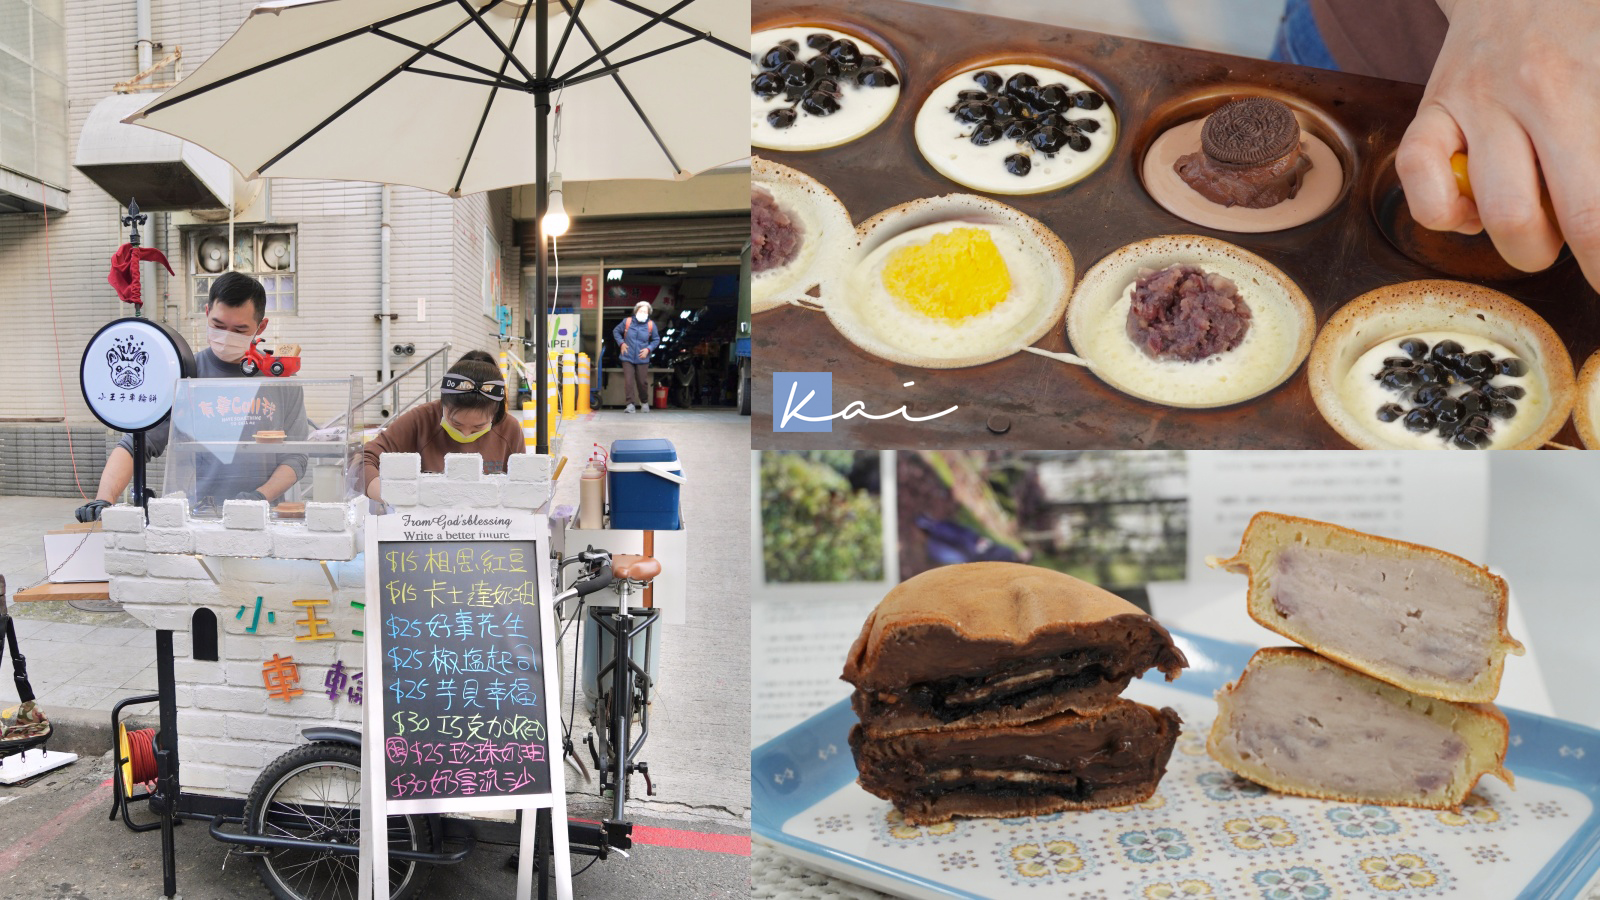 延伸閱讀:☆【台北|北投站】北投市場外的文青風白色小餐車:小王子車輪餅